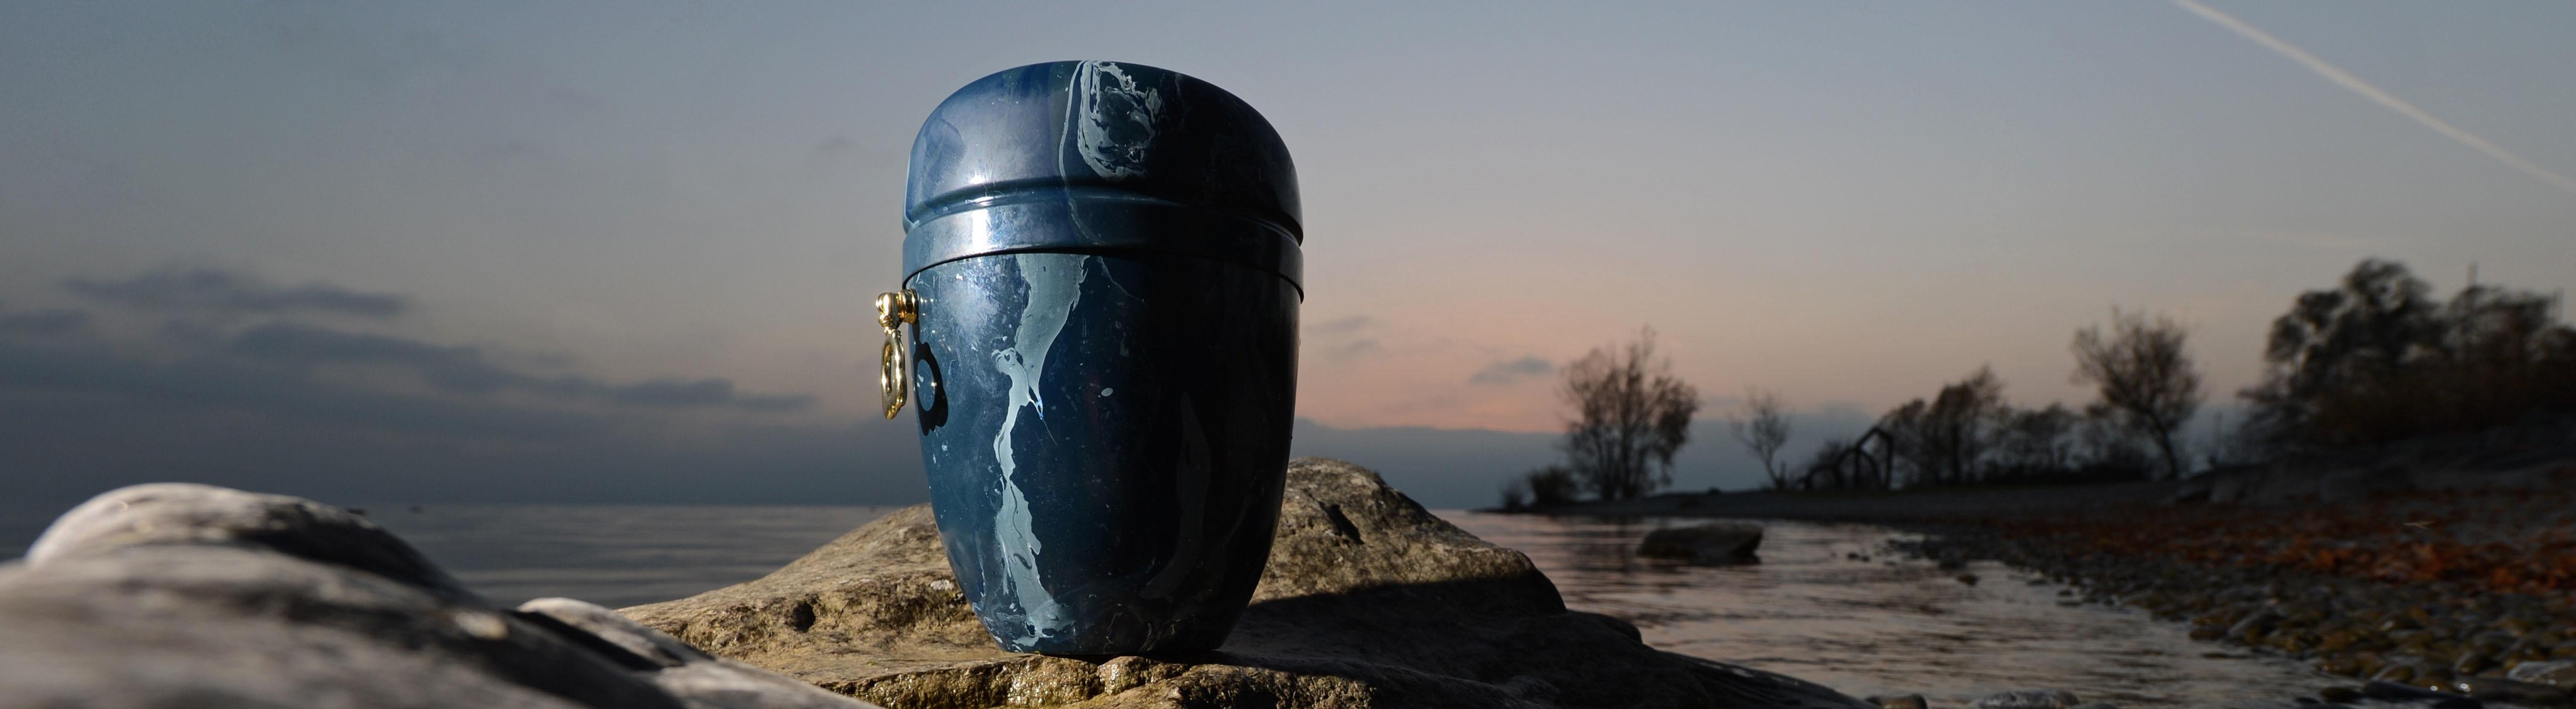 Symbolbild: Eine Urne im Abendrot.